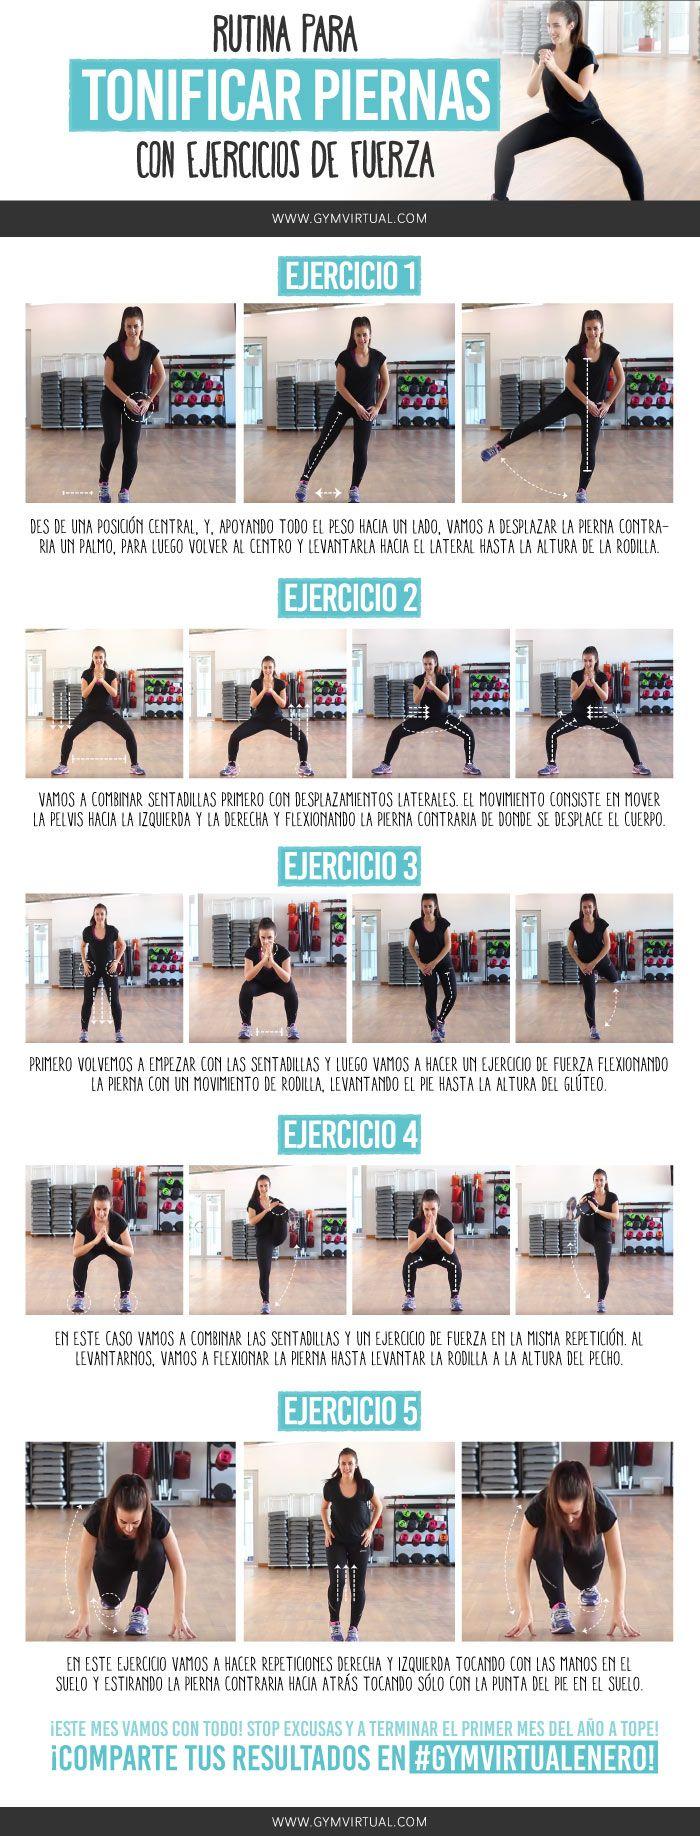 Rutina para tonificar piernas con ejercicios de fuerza 😀 ¿Os animáis con una rutina de fuerza paso a paso? Es ideal para fortalecer las piernas y tonificarlas. Recordad que lo ideal es que la combinéis con otras rutinas, y que después realicéis mínimo 30 minutos de cardio. ¡Mucho ánimo!